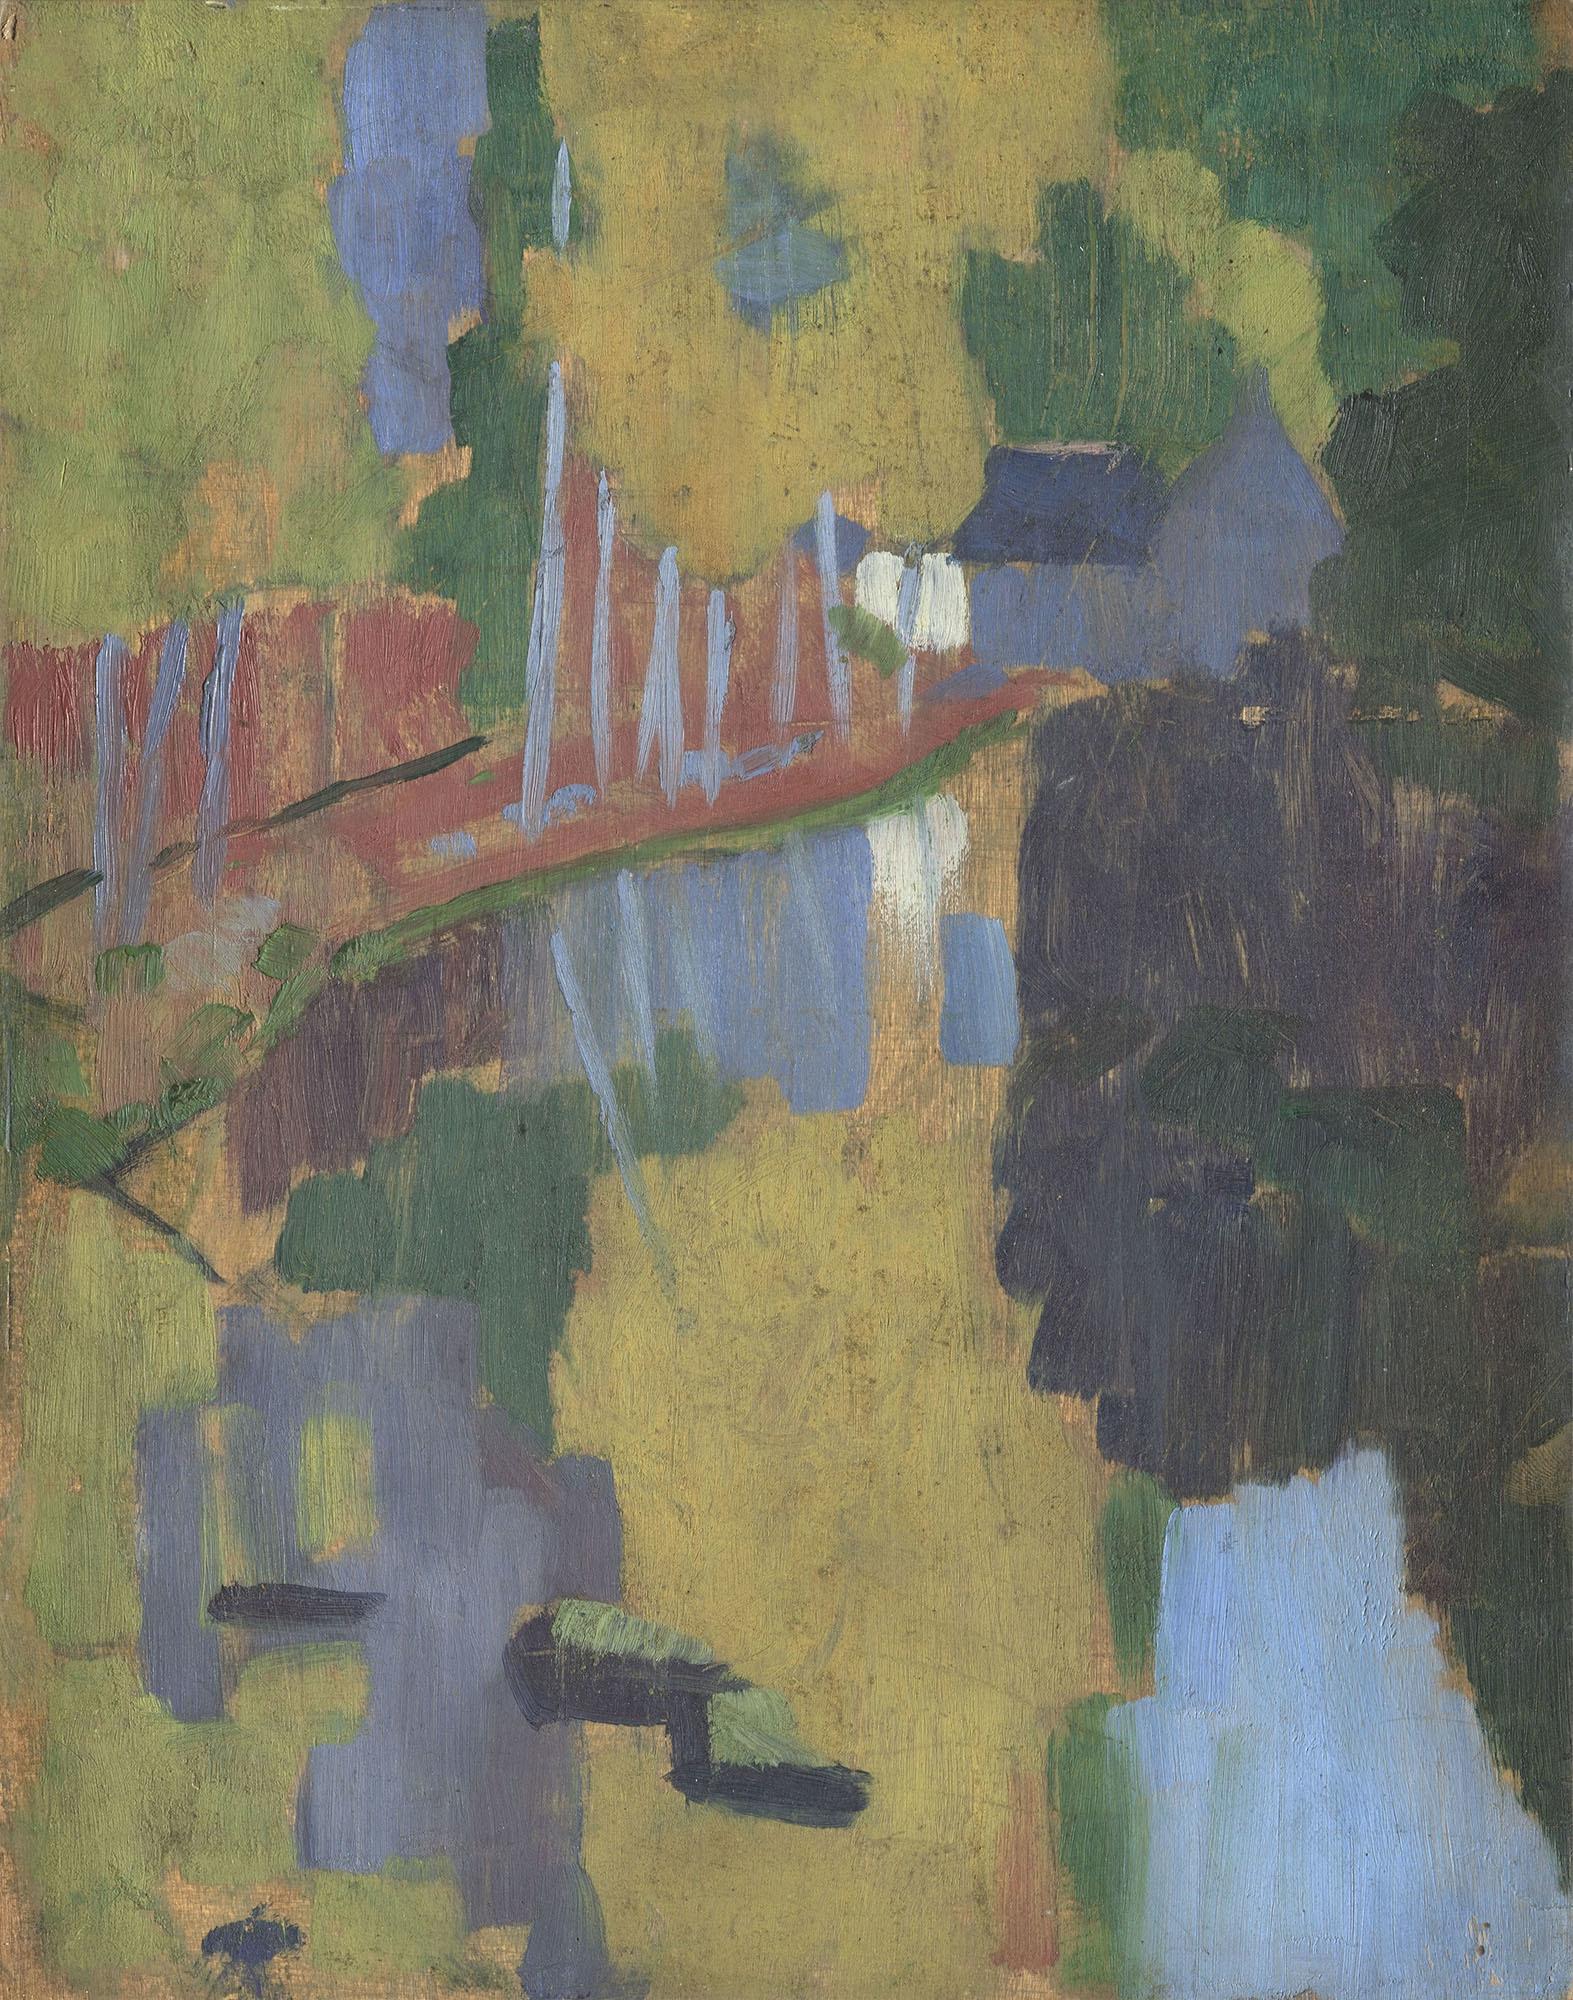 ポール・セリュジエ 《タリスマン(護符)、愛の森を流れるアヴェン川》 1888年 油彩/板 © RMN-Grand Palais (musée d'Orsay) / Hervé Lewandowski / distributed by AMF